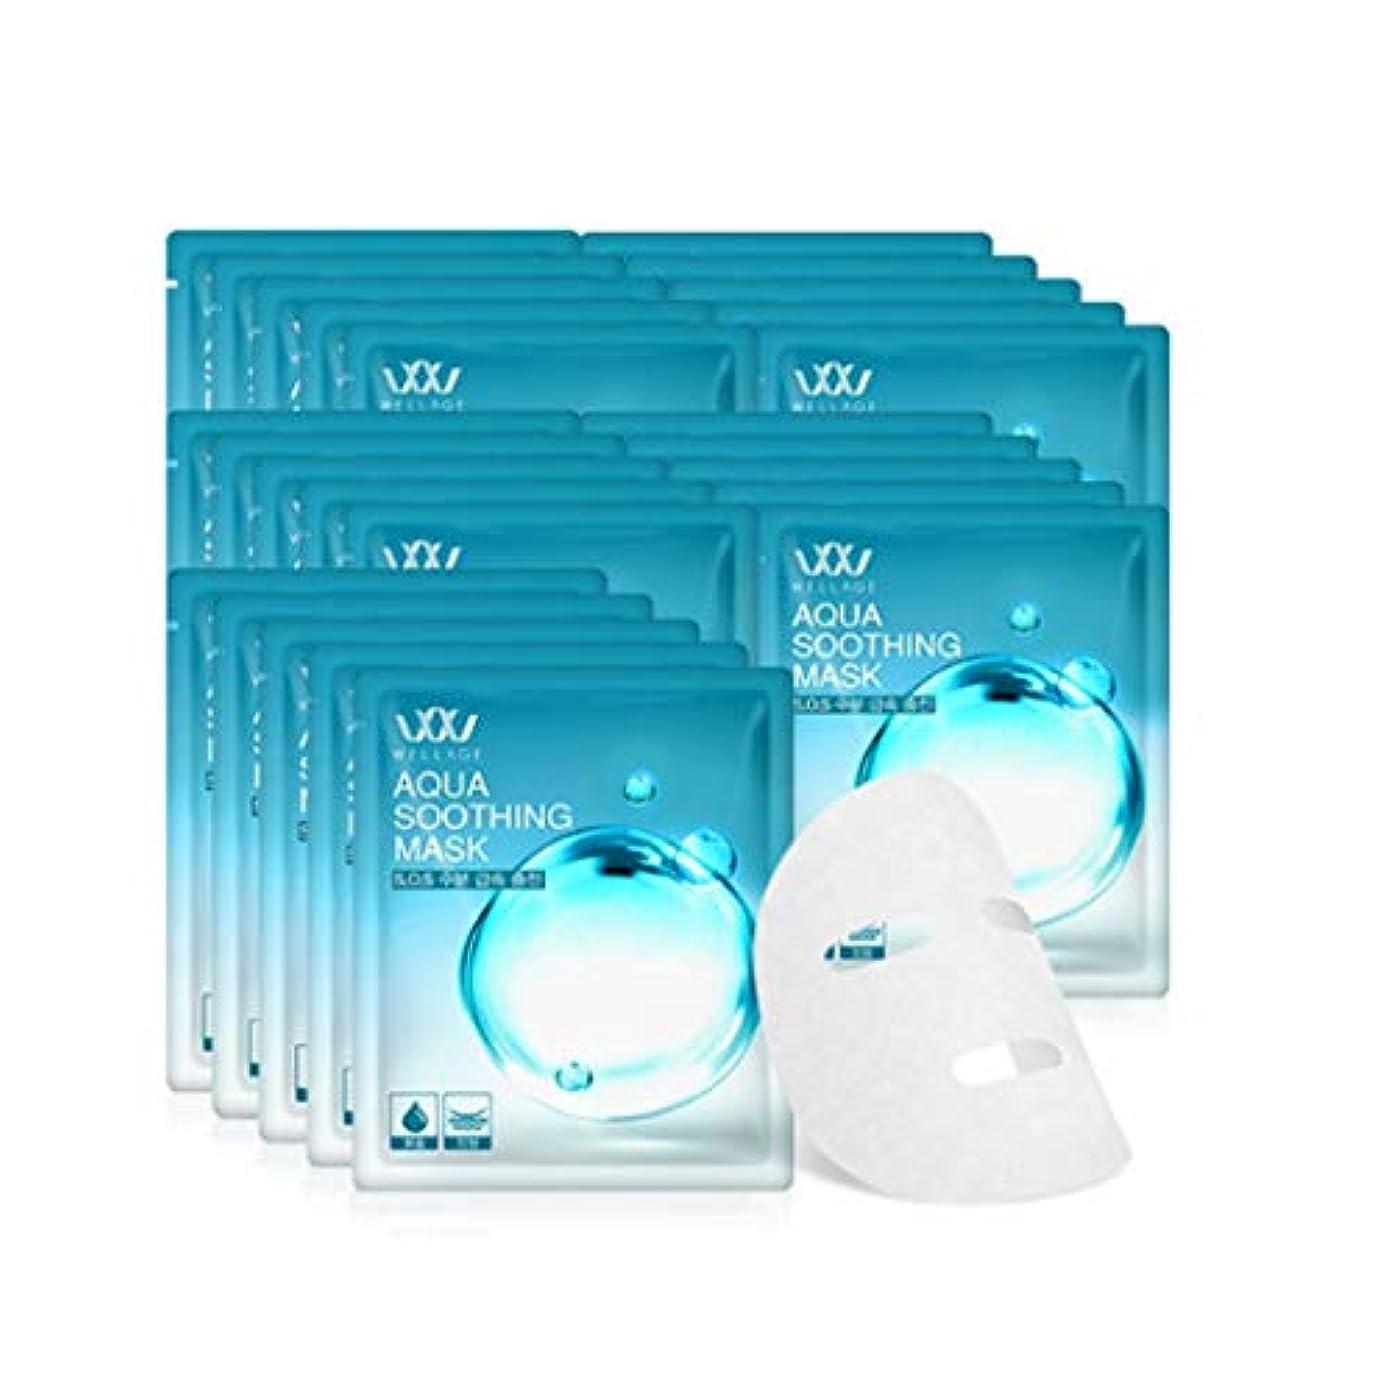 開拓者論争的格差WELLAGE Aqua Soothing Mask Sheet 25枚 S.O.S水分急速充電マスクパック(海外直送品)